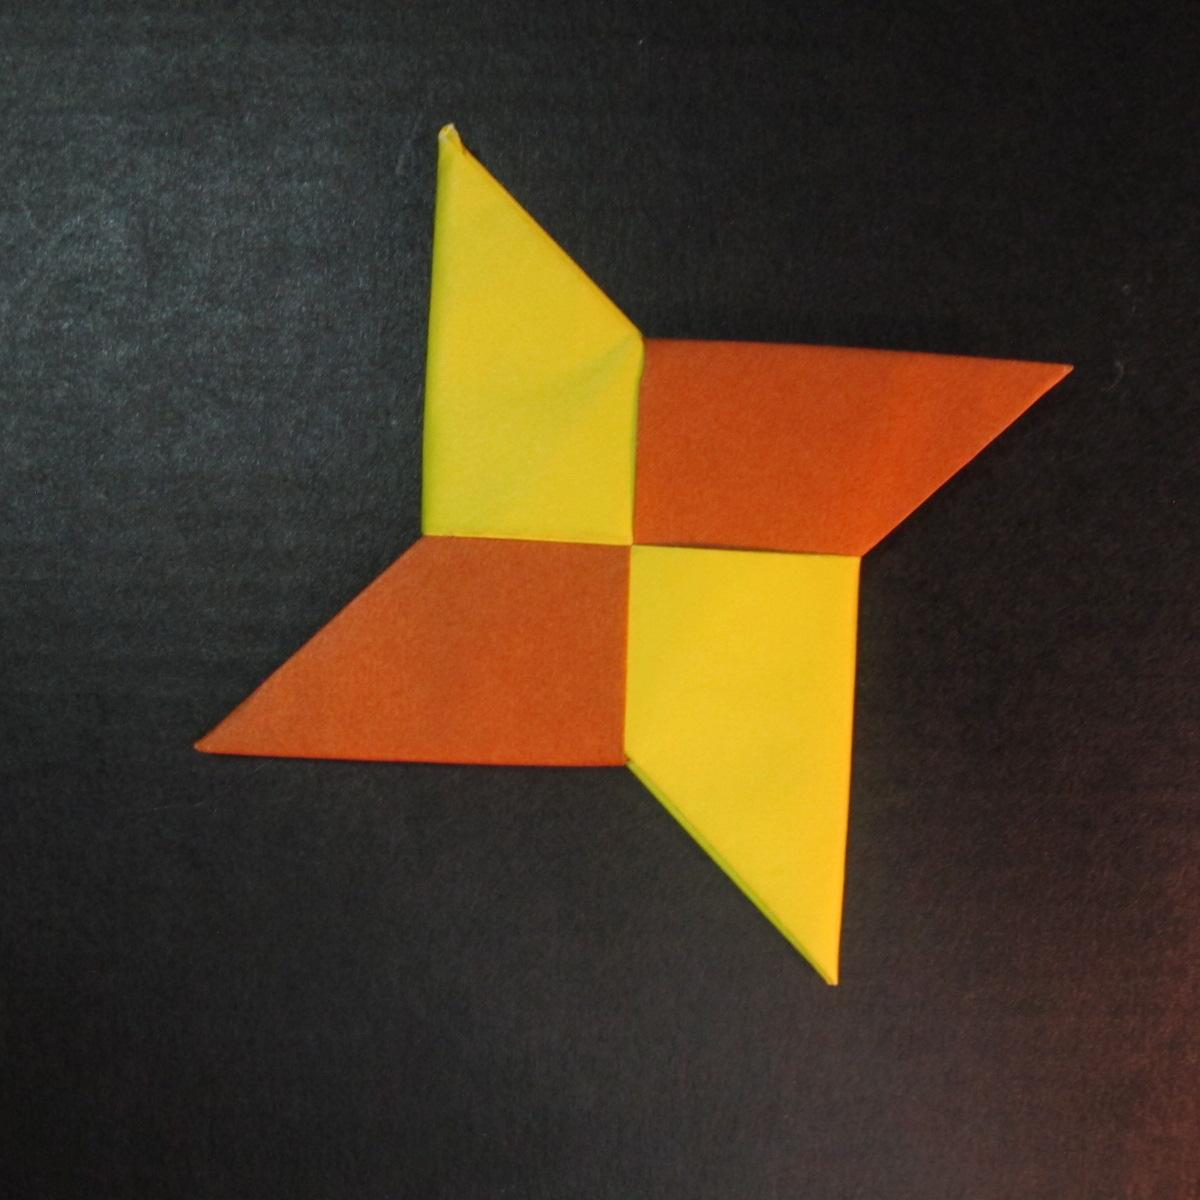 สอนวิธีพับกระดาษเป็นดาวกระจายนินจา (Shuriken Origami) - 017